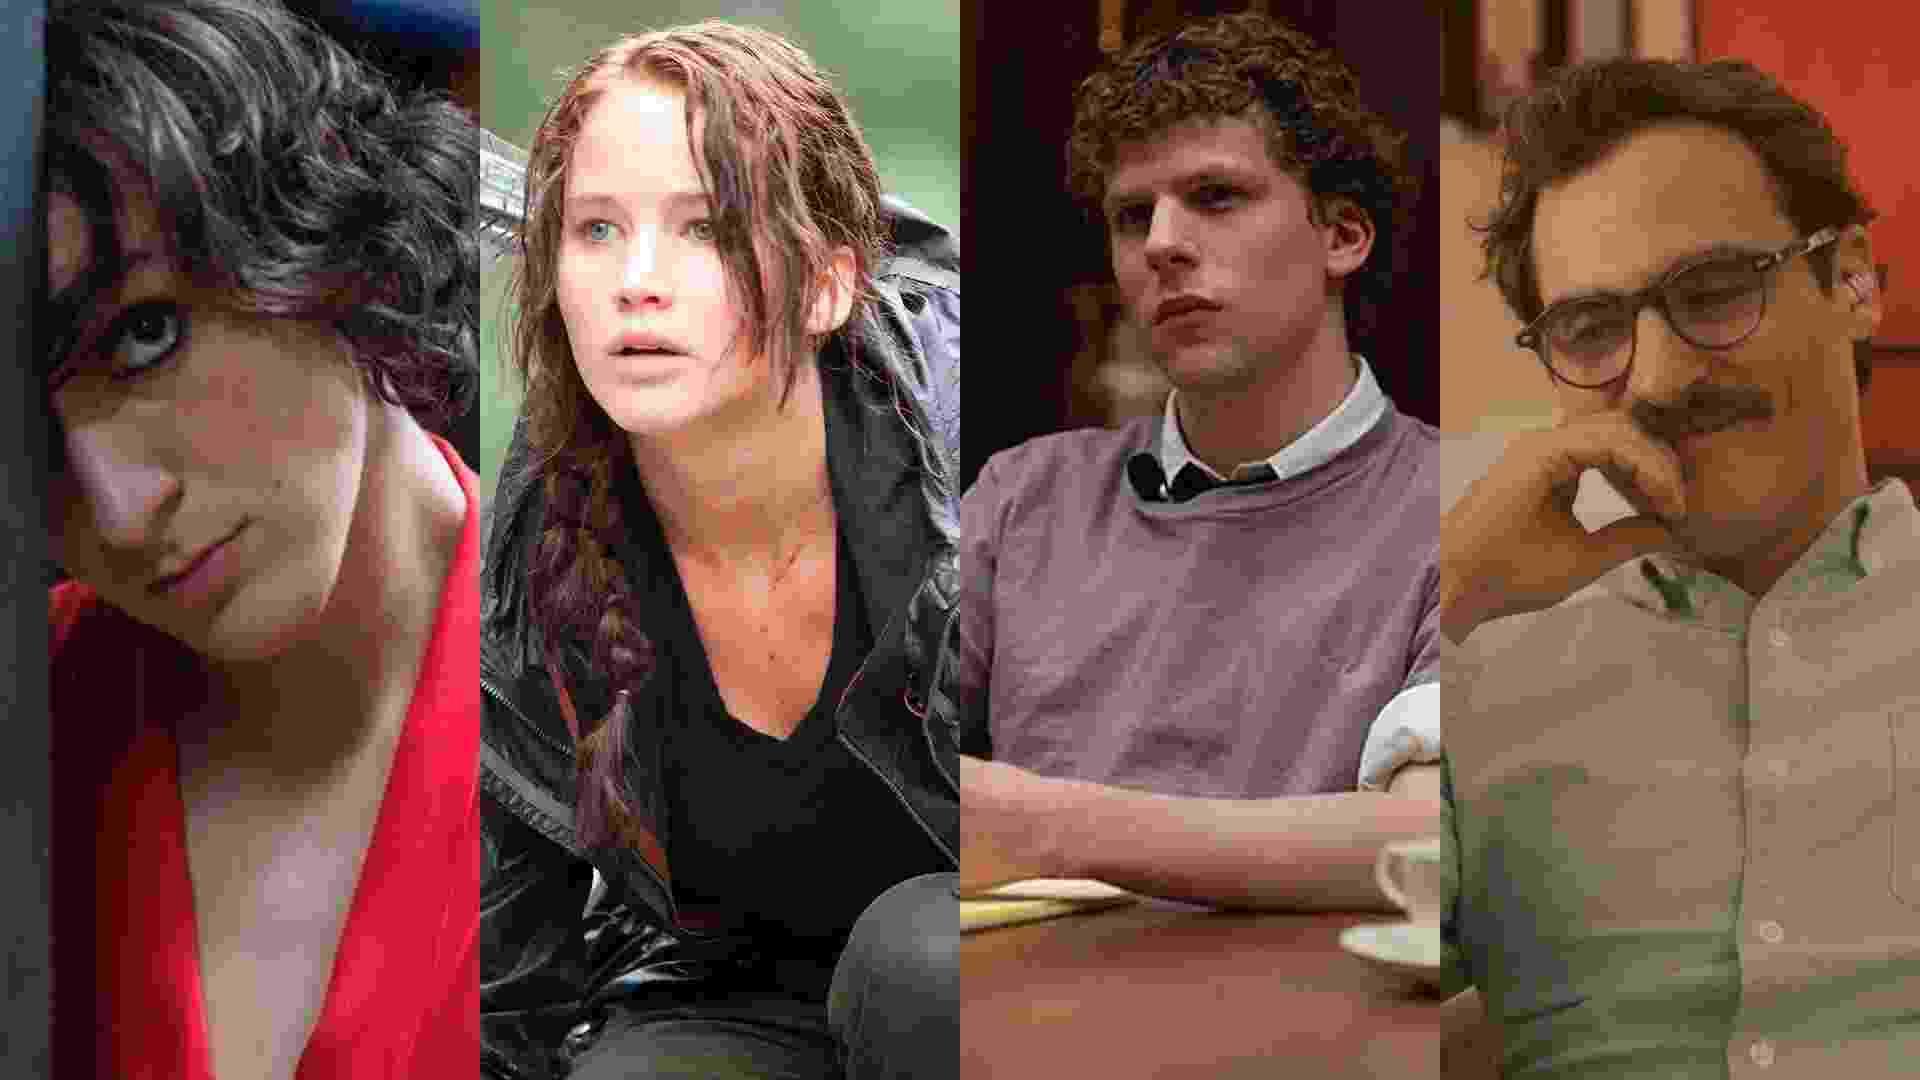 """Cenas dos filmes """"Mãe Só Há Uma"""" (2016), de Anna Muylaert, """"Jogos Vorazes"""" (2012), de Gary Ross, """"A Rede Social"""" (2010), de David Fincher e """"Ela"""" (2013), de Spike Jonze - Reprodução/Montagem"""